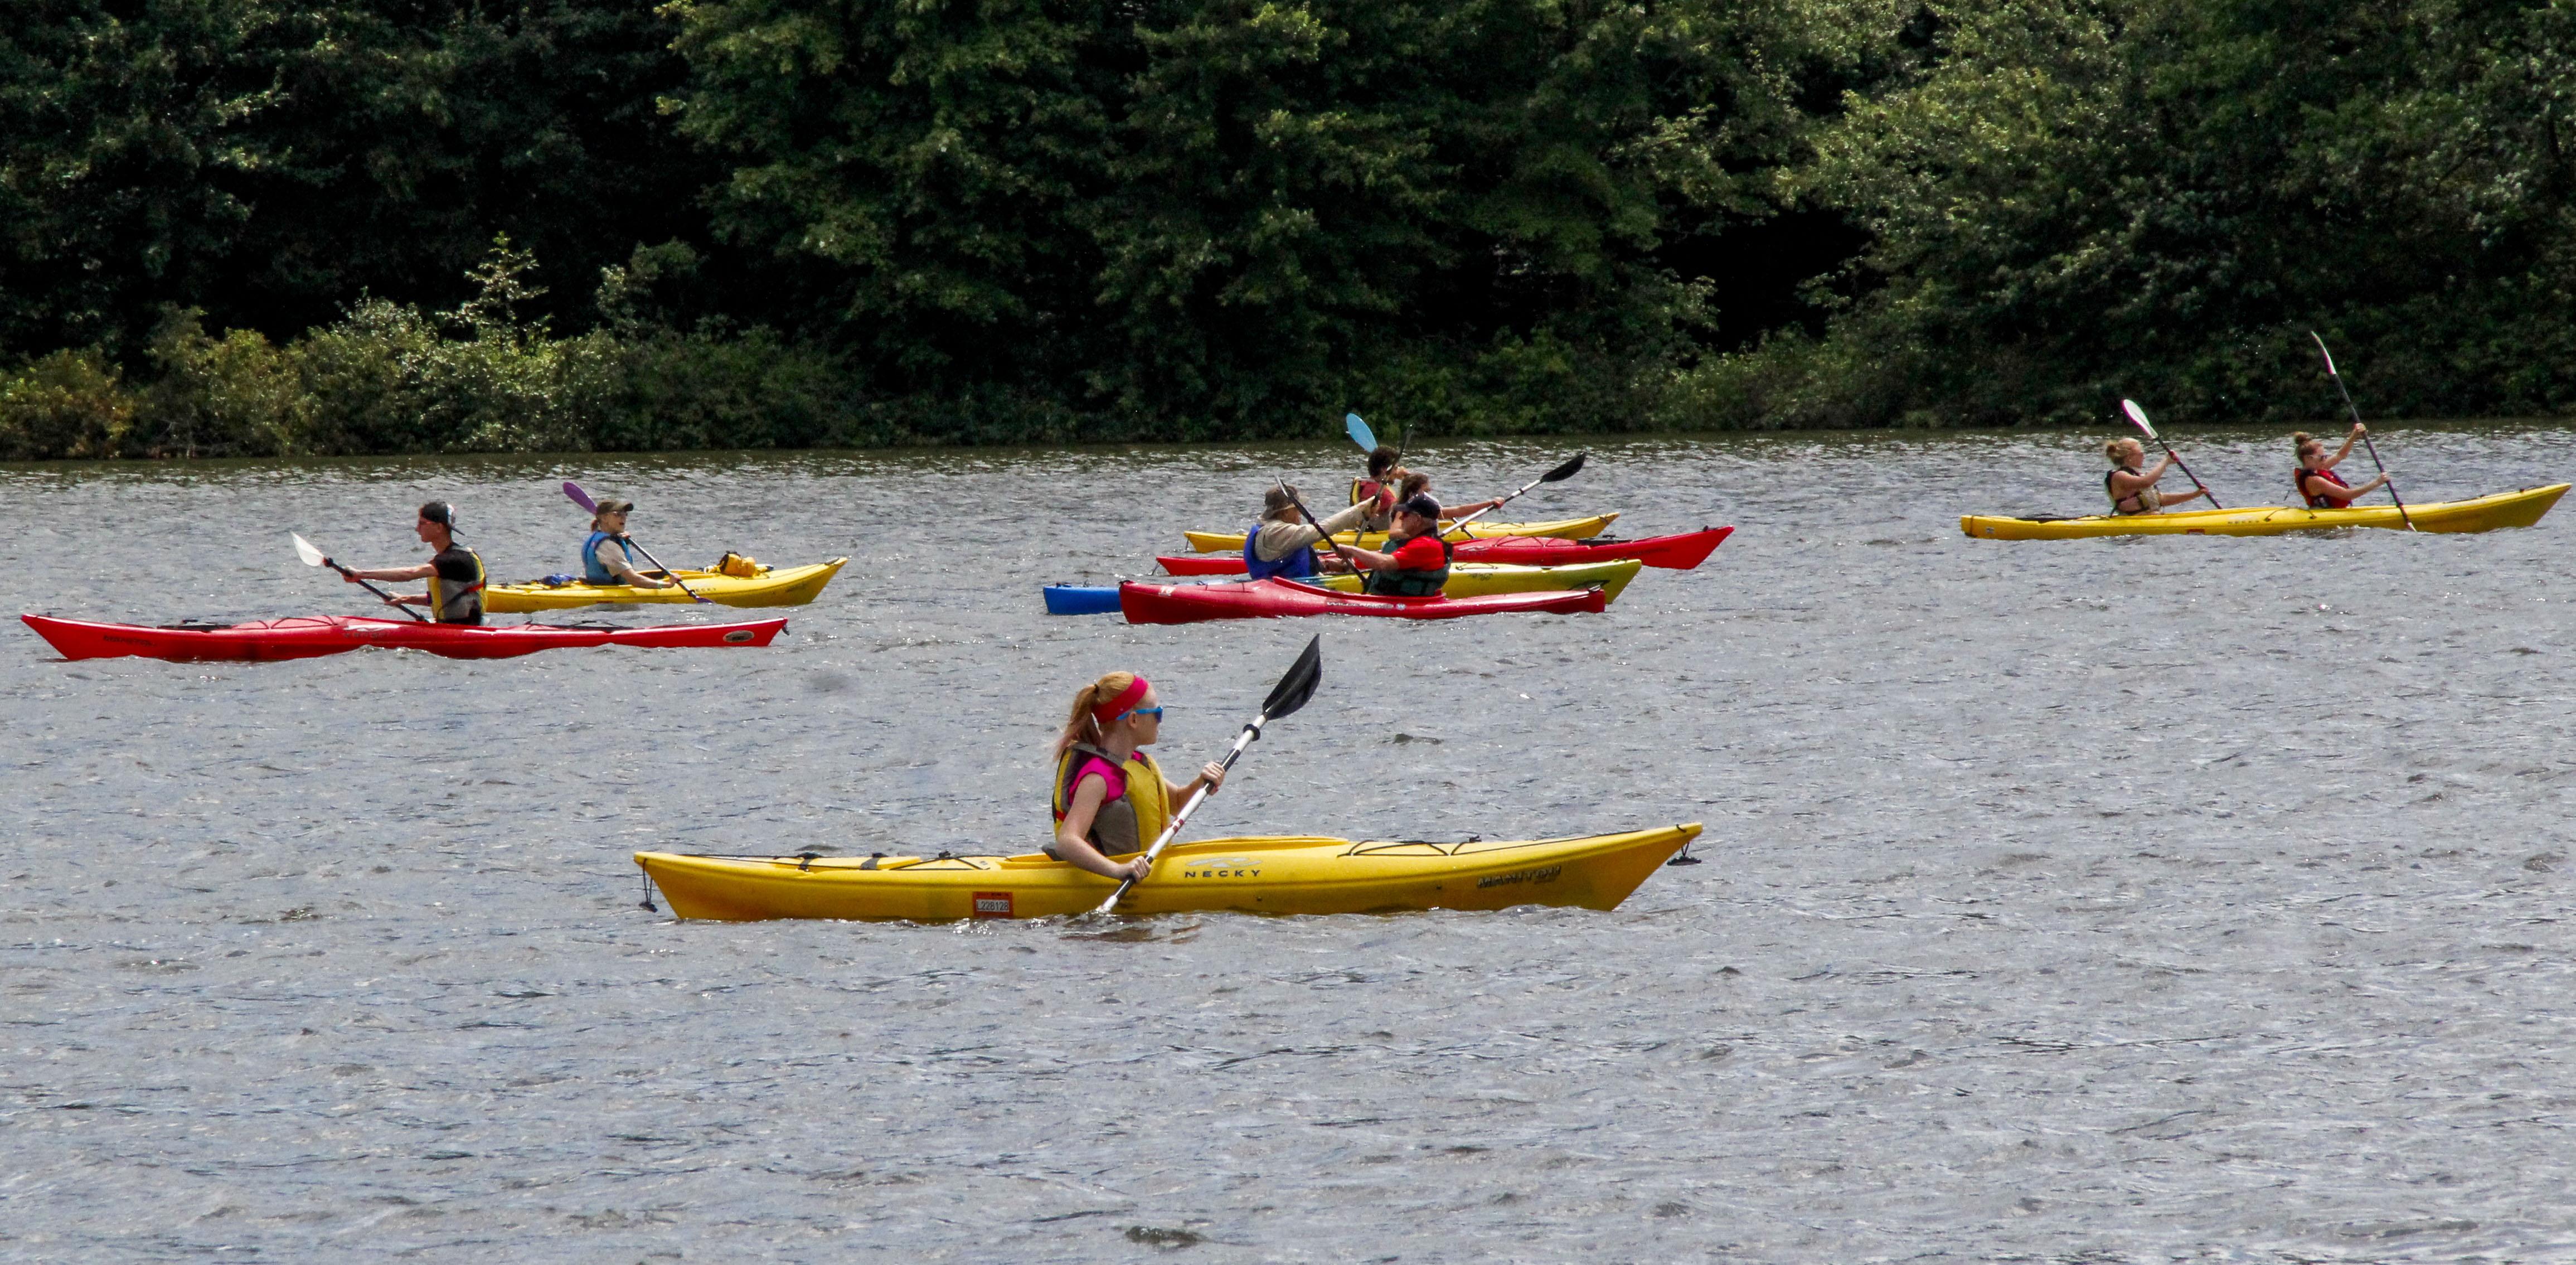 Kayakers enjoying the Regatta at Lake Arthur.